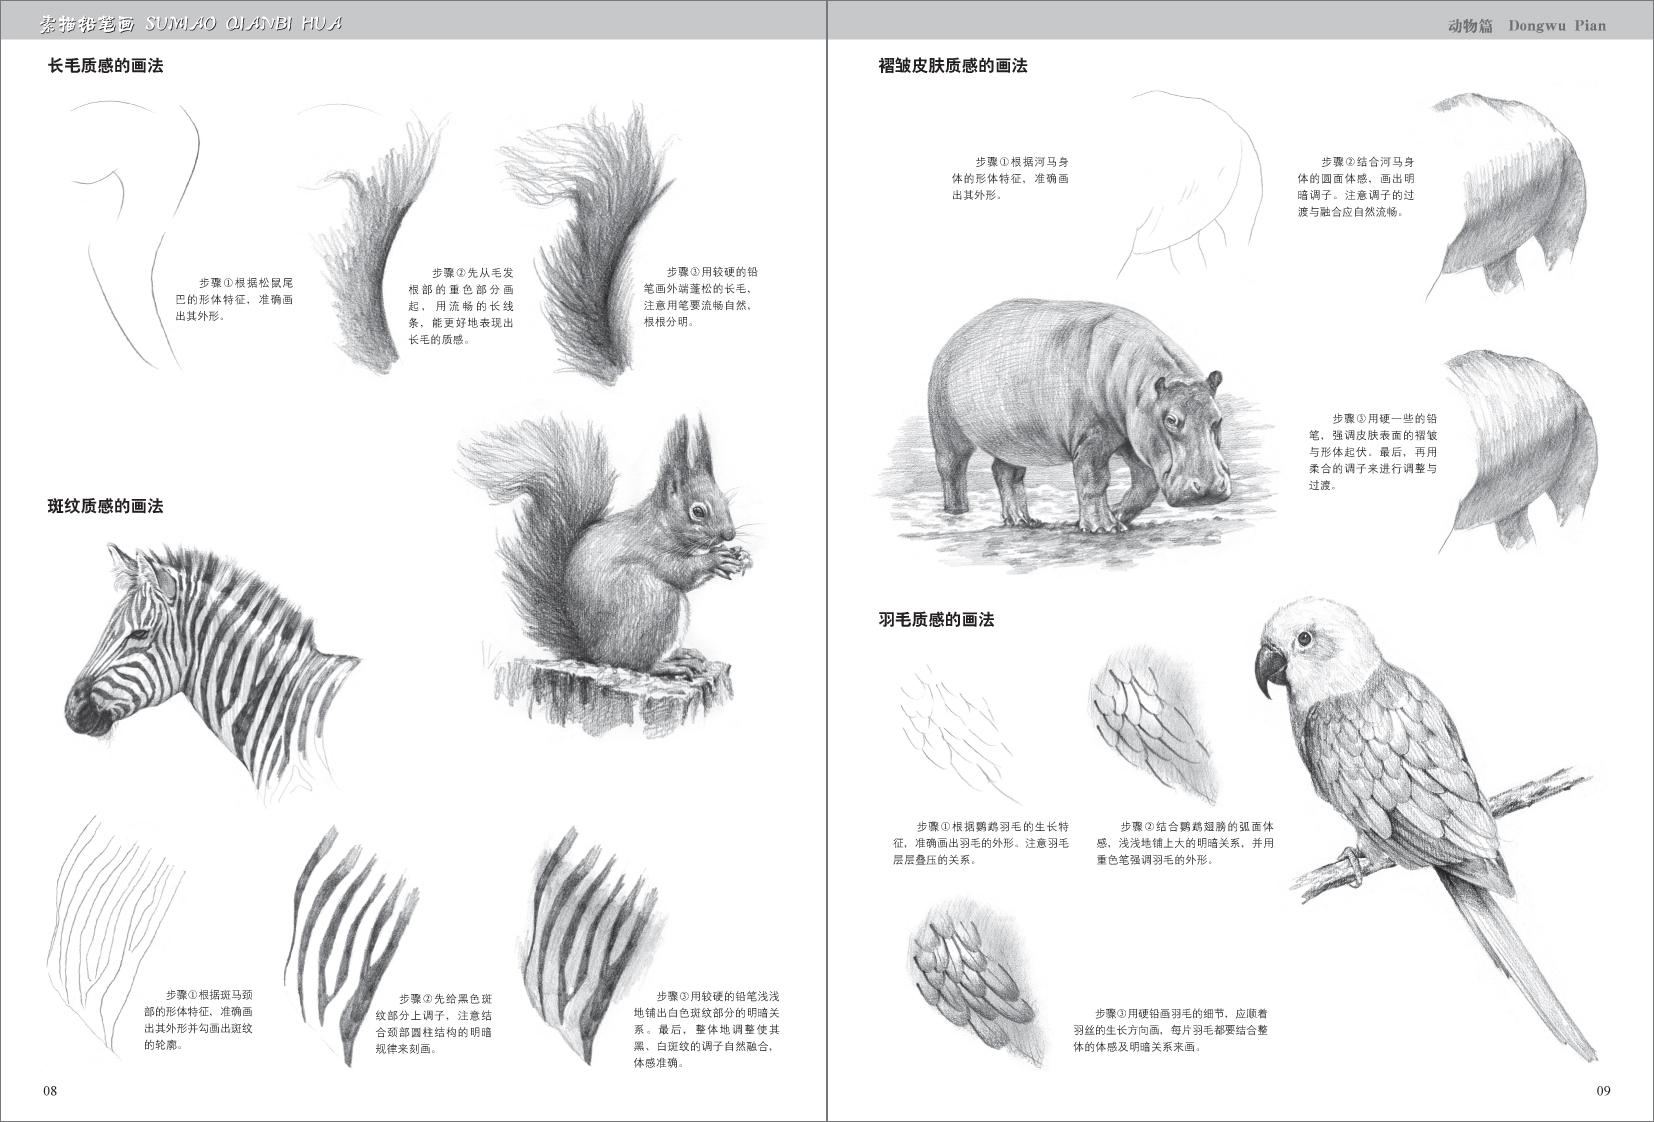 无论是凶猛的森林走兽,还是柔弱的家养宠物,又或是遨游天空的鸟类,在朴素又神奇的铅笔下,它们都变成一幅幅生动有爱的画面。本书对这些形形色色的动物进行了拟人化表现,不但总结了绘画重点,还穿插了细节绘制要点,让你感受到素描别样的乐趣。